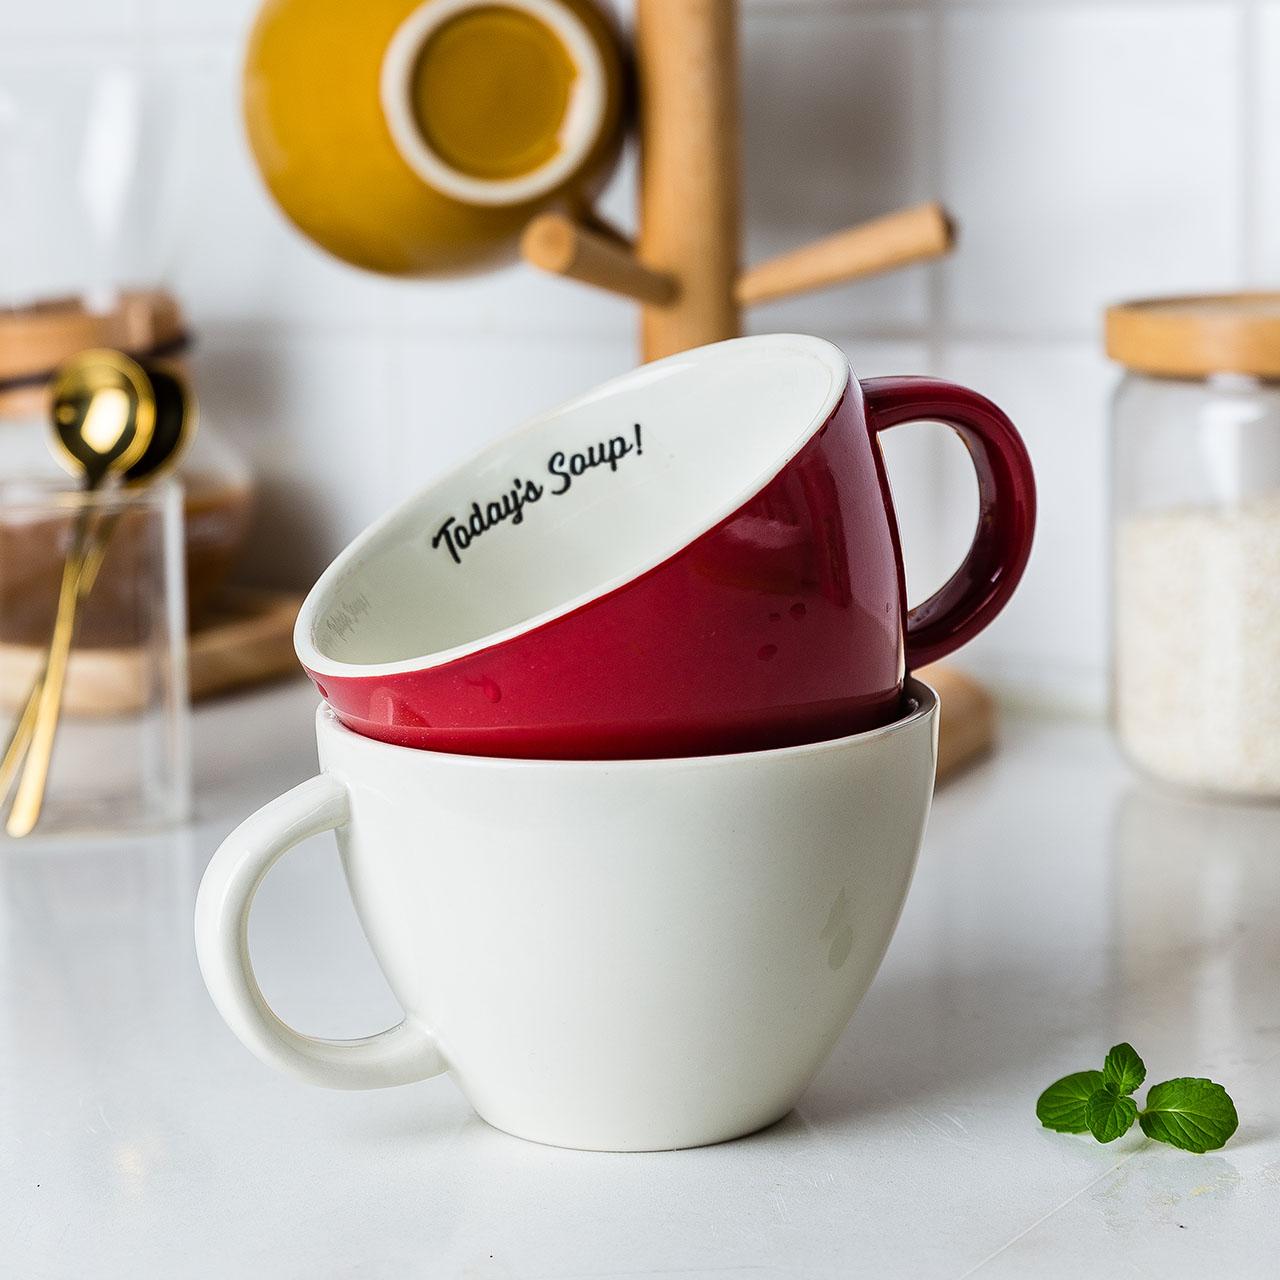 摩登主妇简约大容量带把马克杯陶瓷水杯早餐杯麦片杯情侣水杯家用